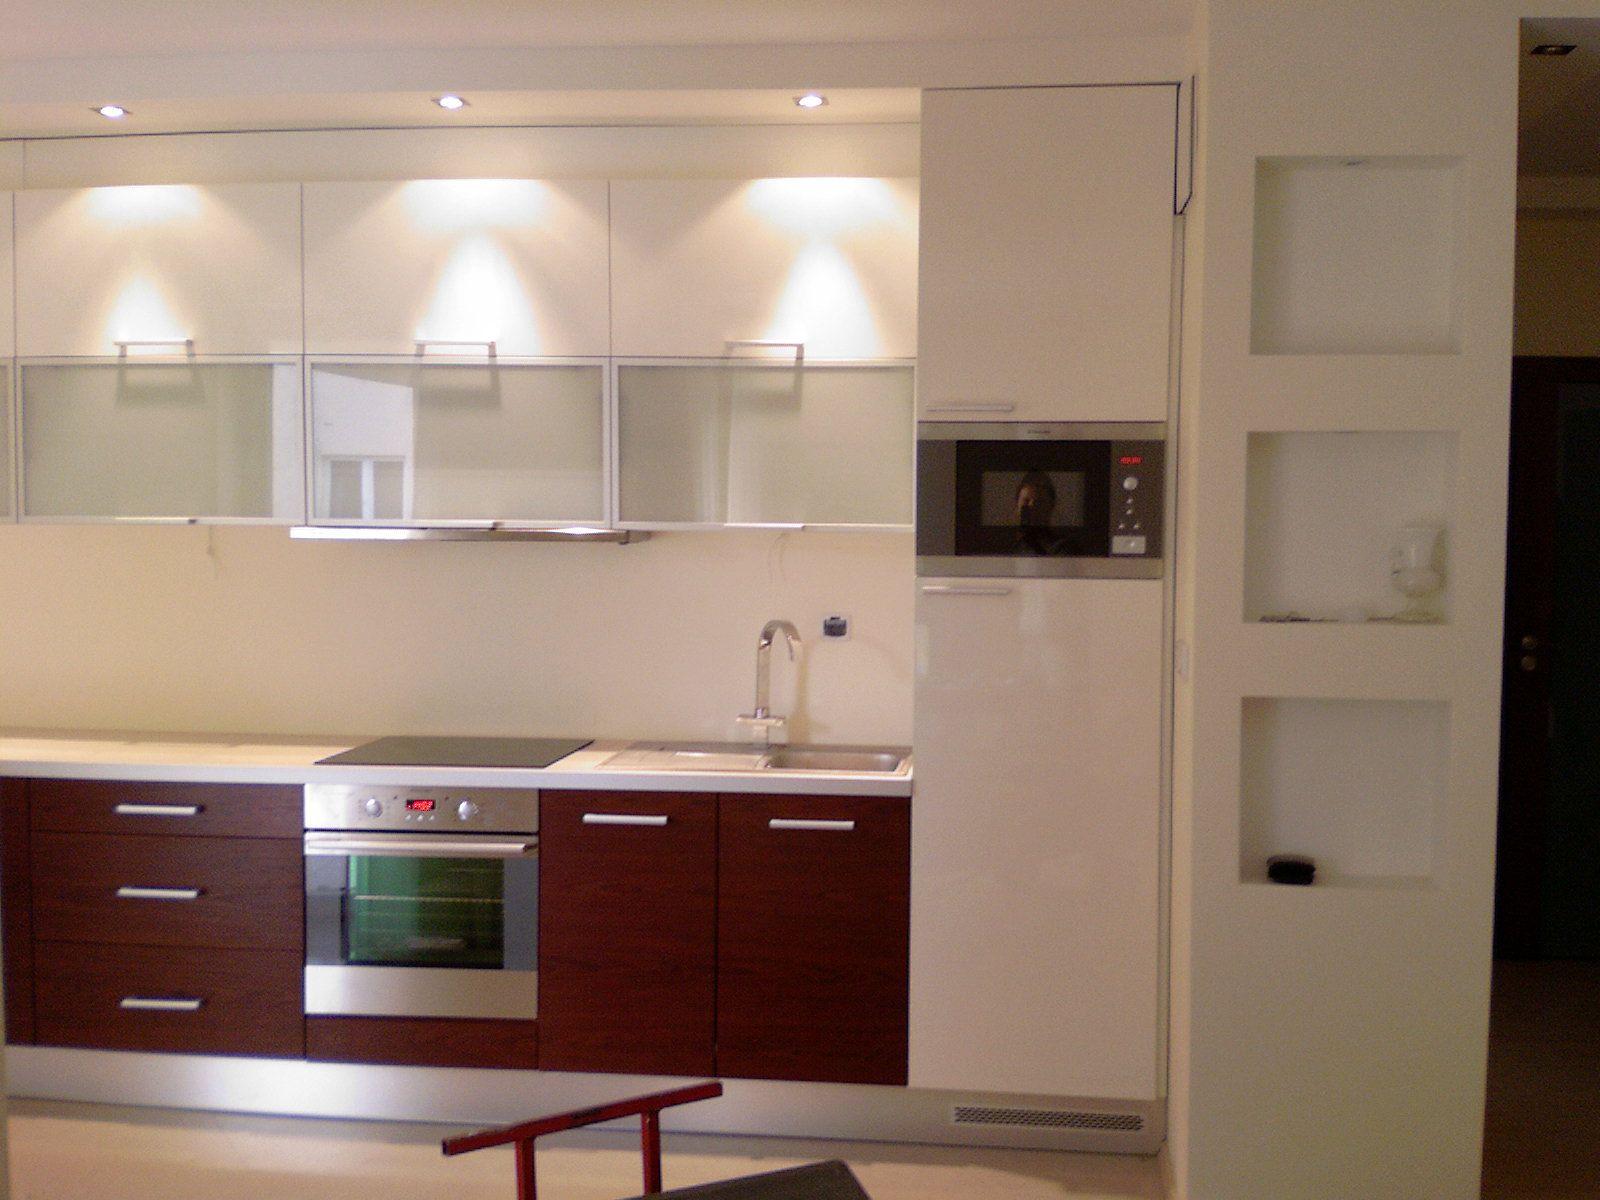 meble kuchenne castorama  Szukaj w Google  kitchen   -> Kuchnia Castorama City